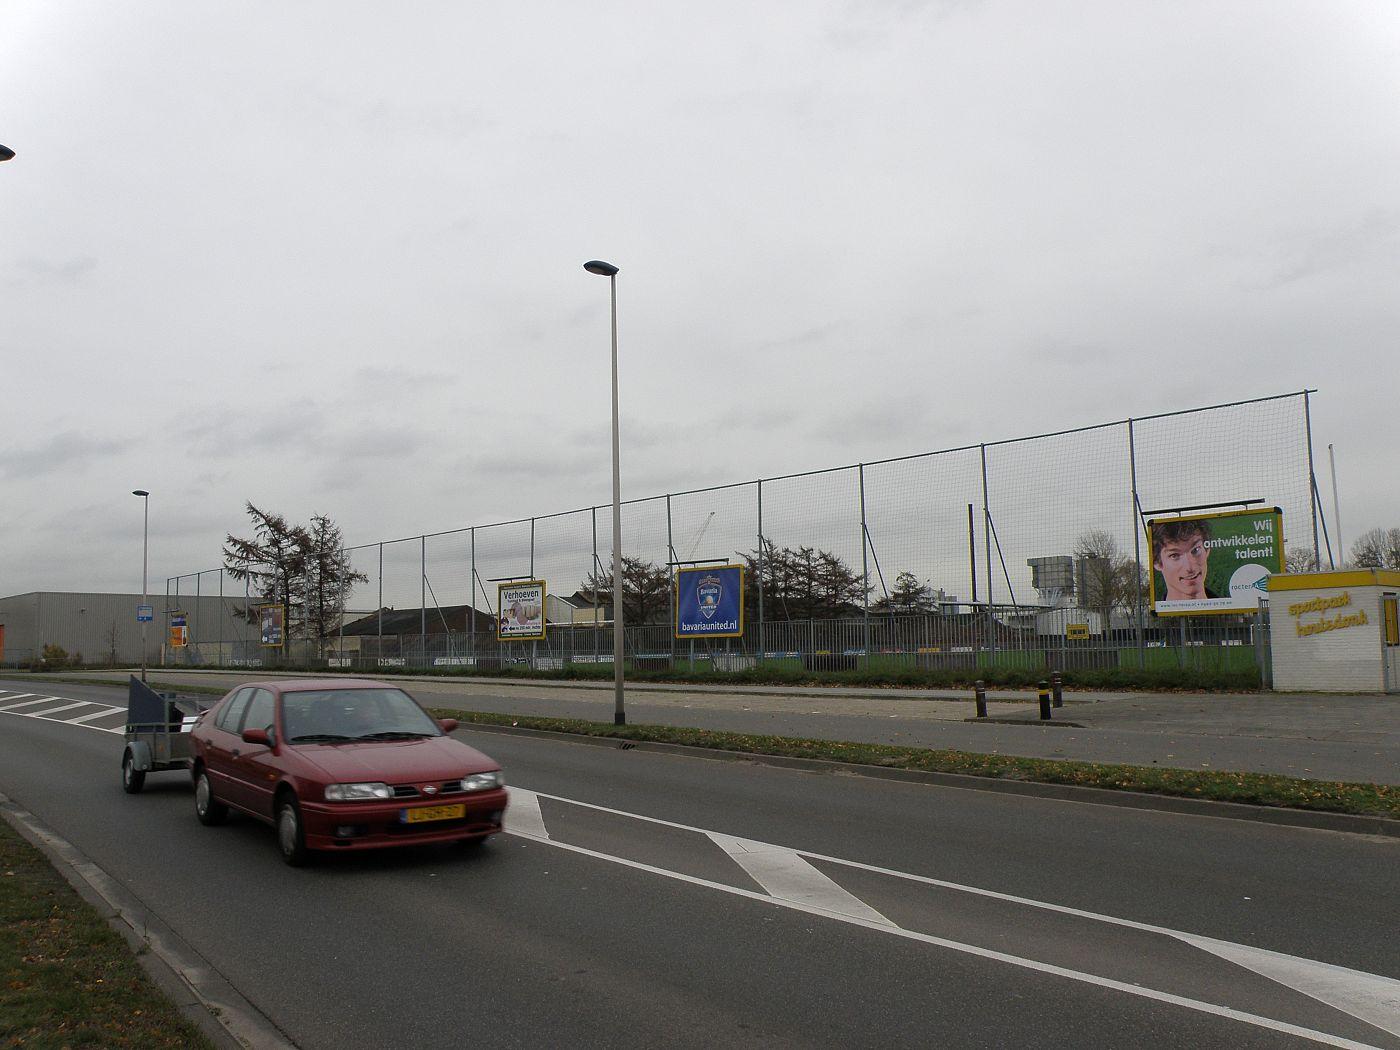 Nieuwe Billboard verlichting - Voetbalvereniging HVV Helmond